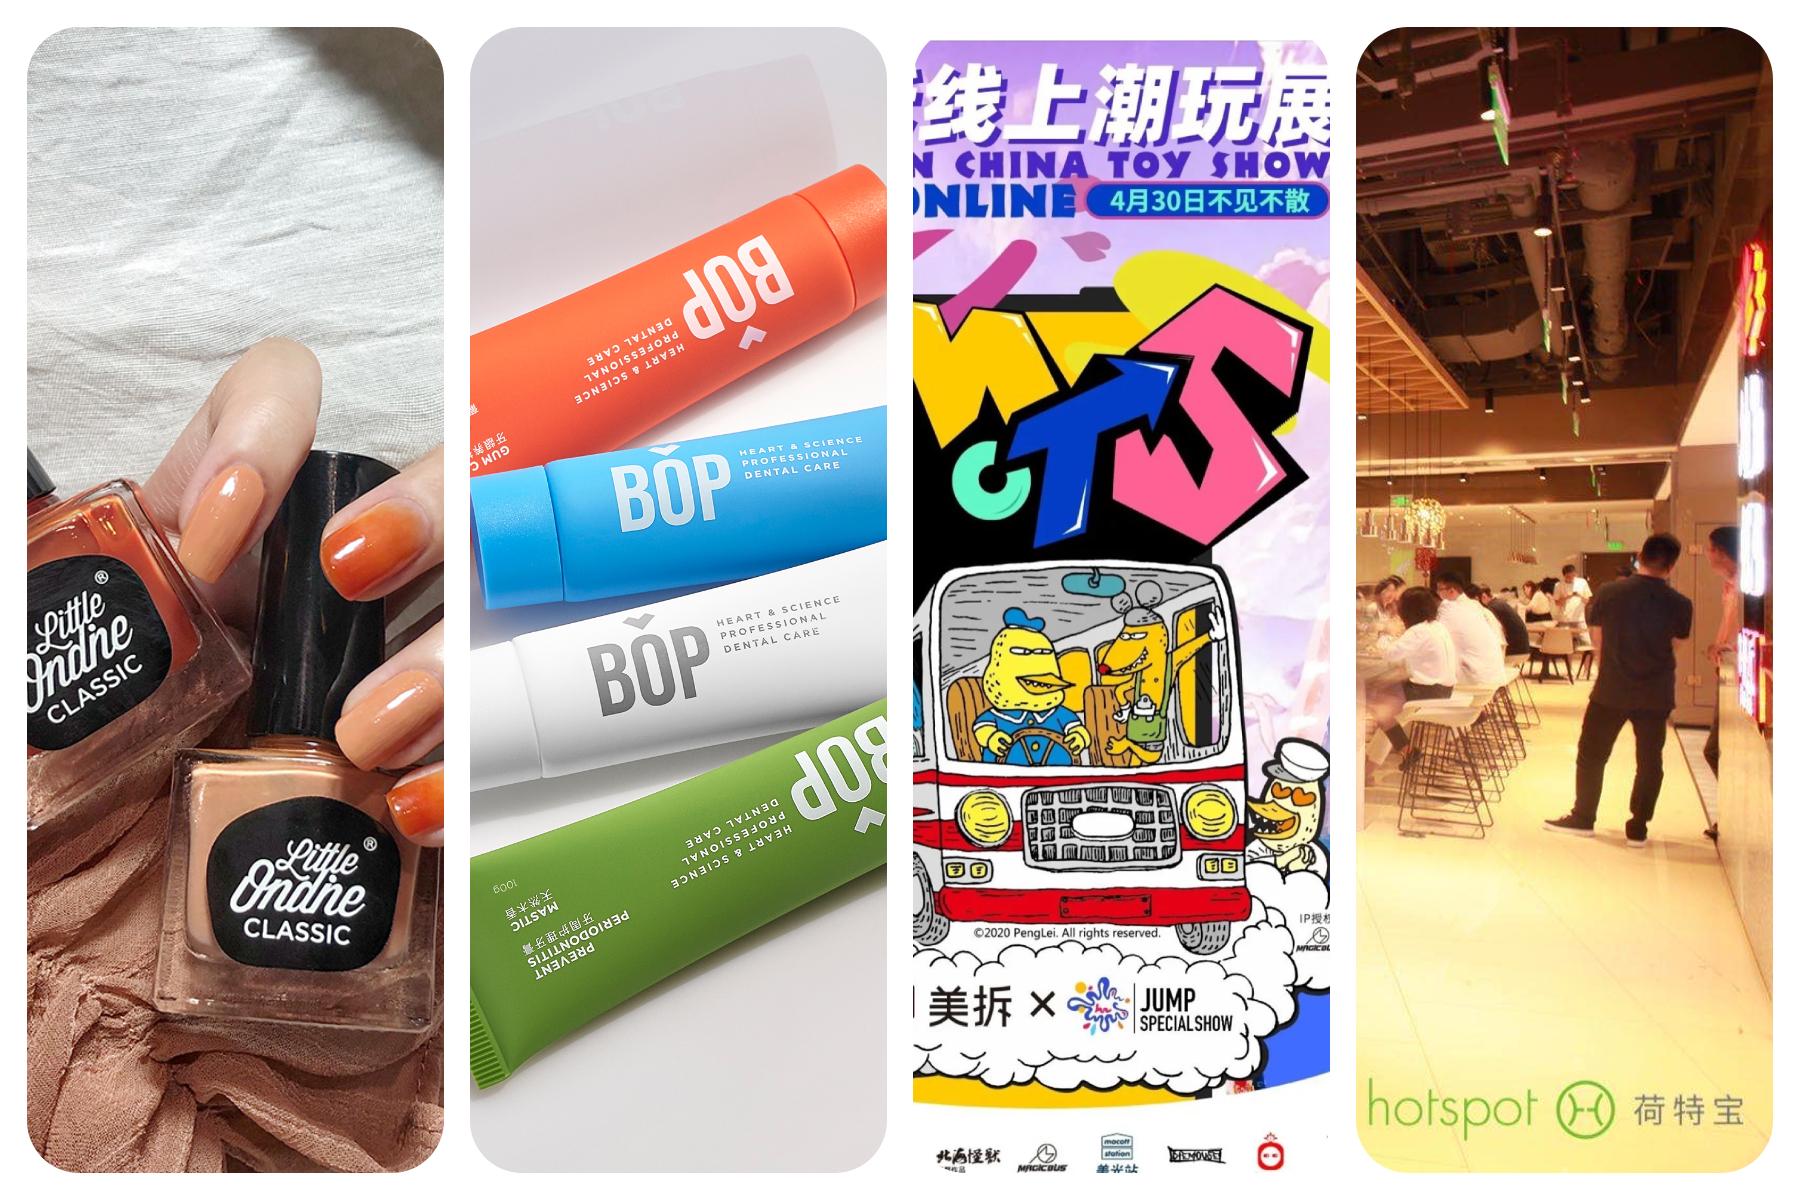 【华丽中国投资周报】2020/05/02~2020/05/08